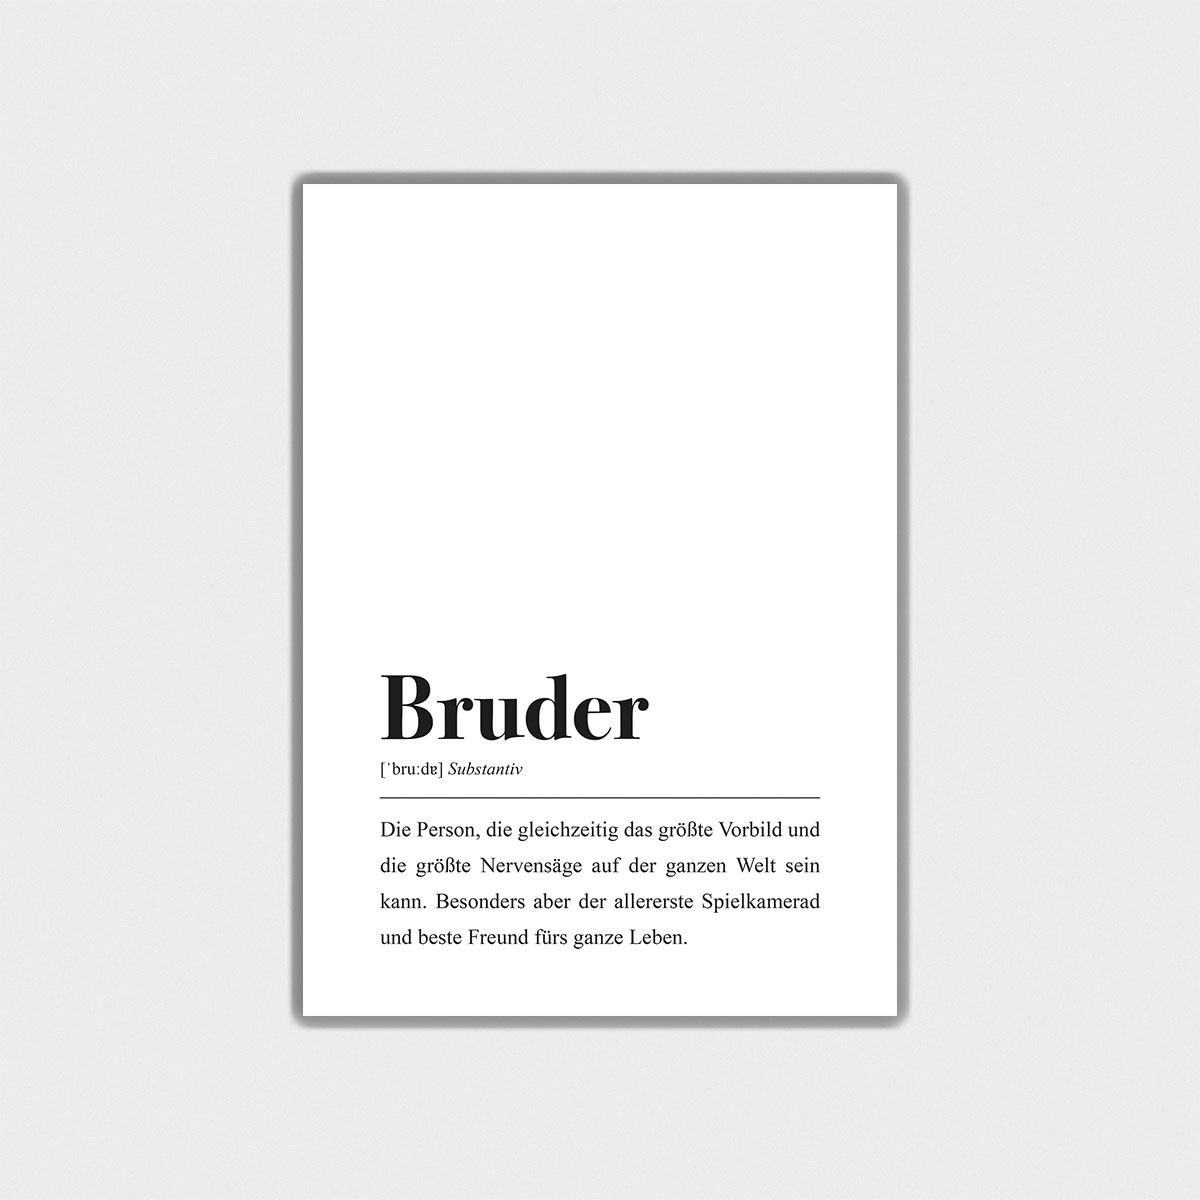 Bruder Definition: DIN A4 Poster - Pulse of Art